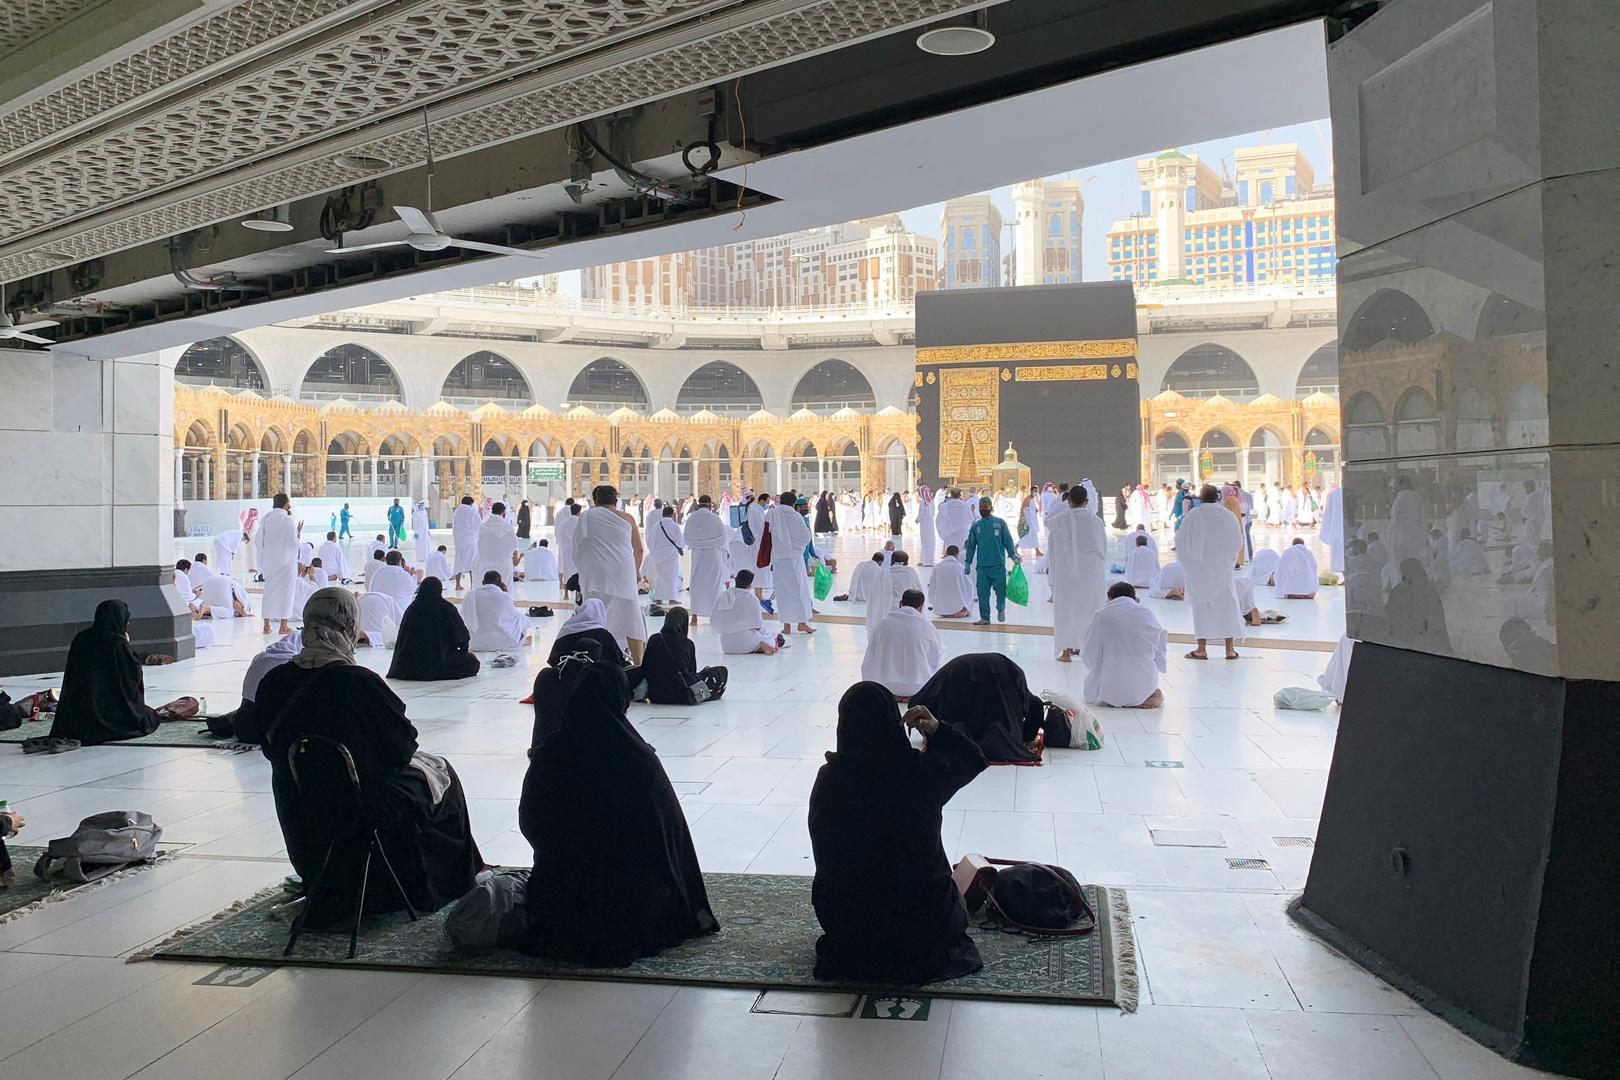 دراستان سعوديتان تحسبان متوسط وقت أداء مناسك العمرة